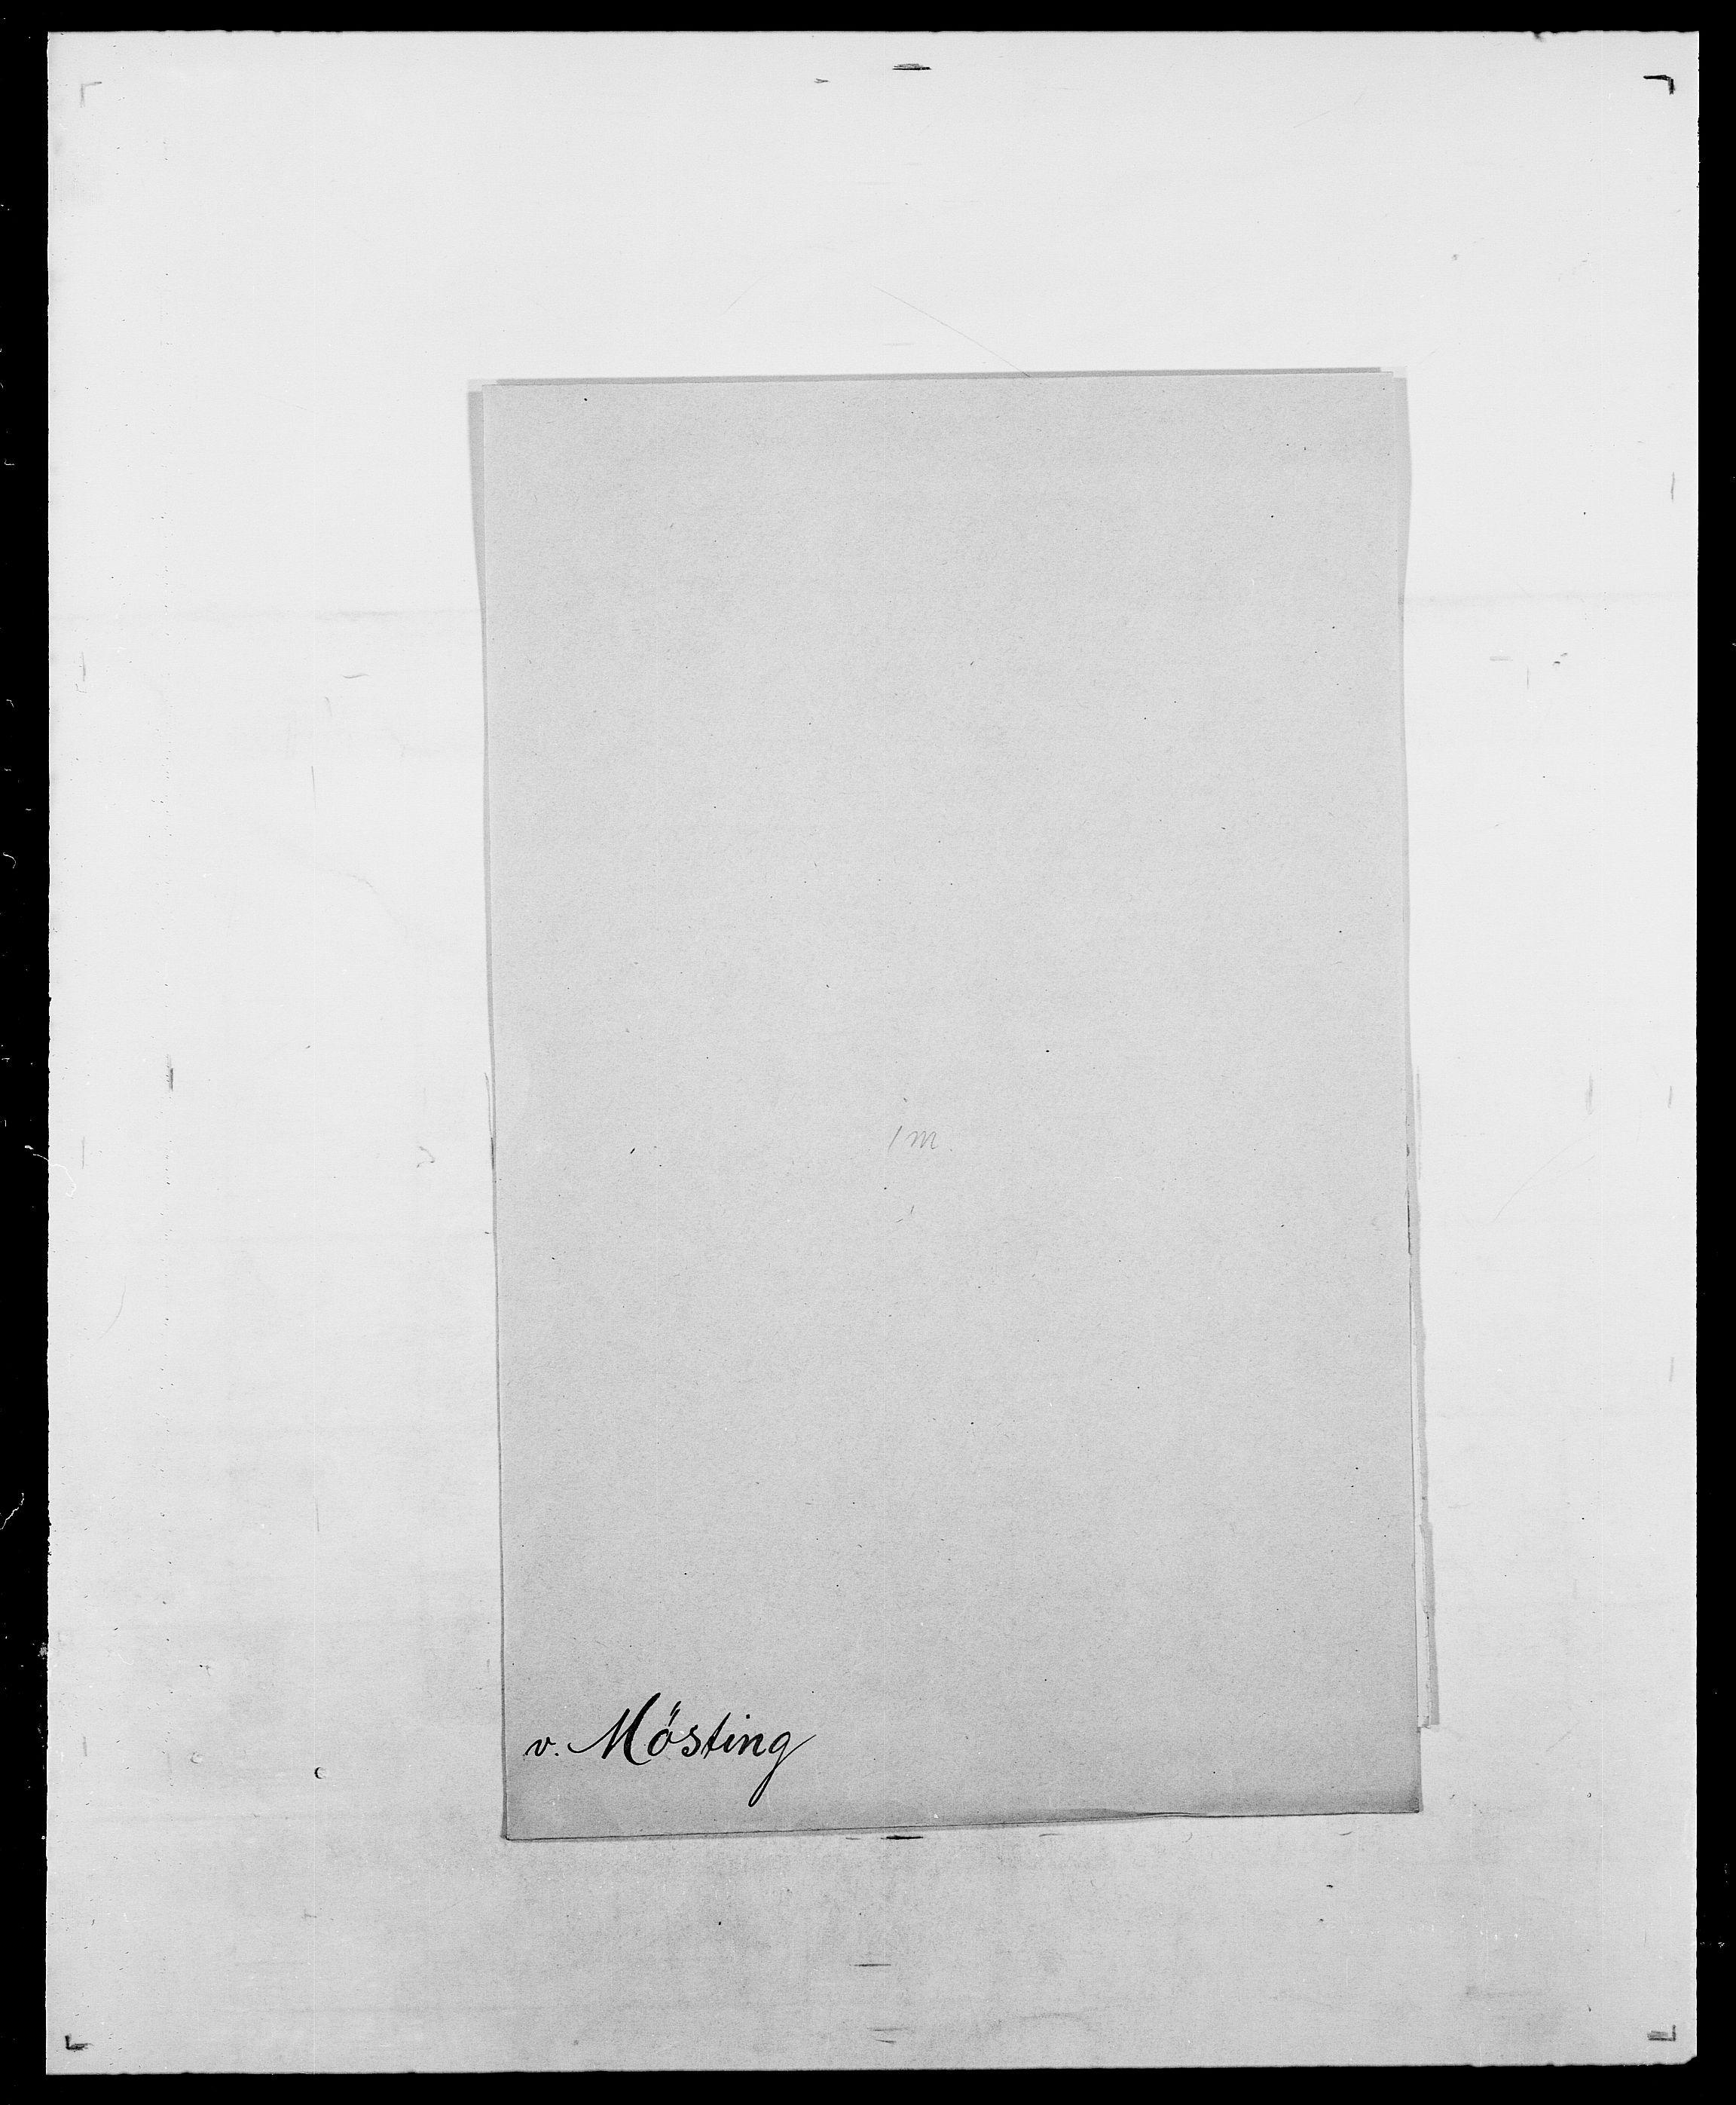 SAO, Delgobe, Charles Antoine - samling, D/Da/L0027: Morath - v. Møsting, s. 775